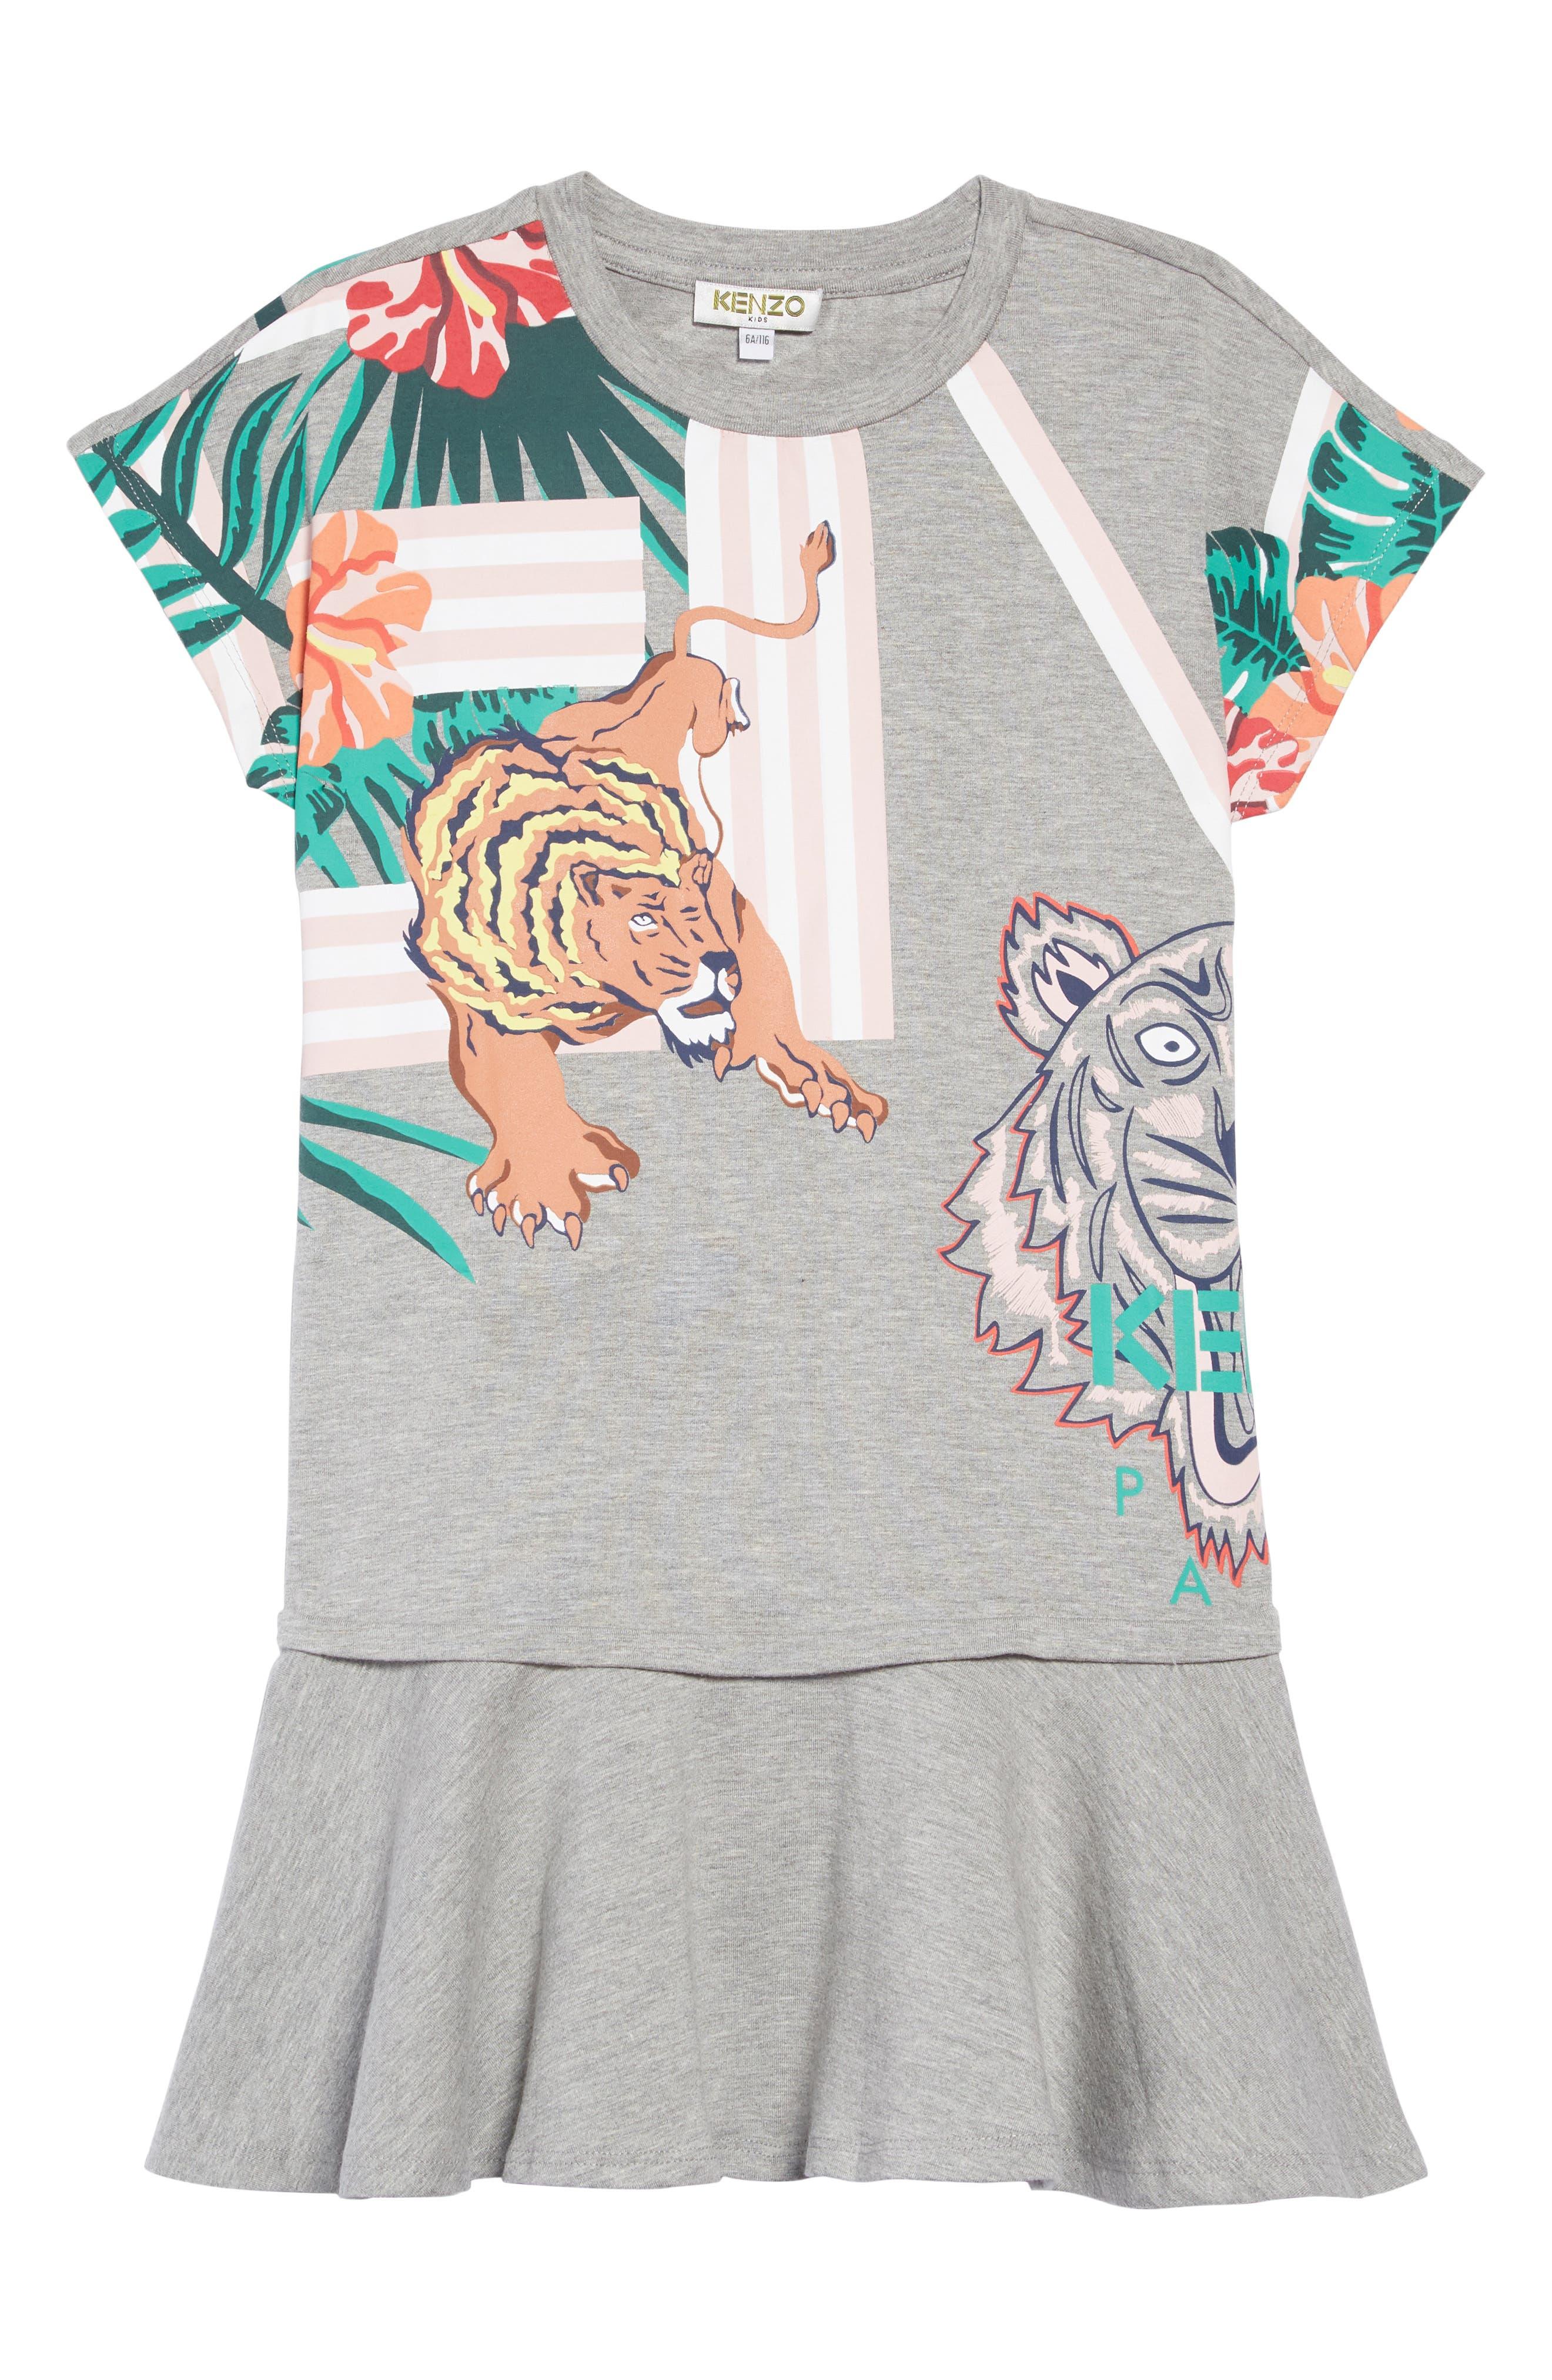 Girls Kenzo Iconics Jersey Dress Size 14Y  Grey